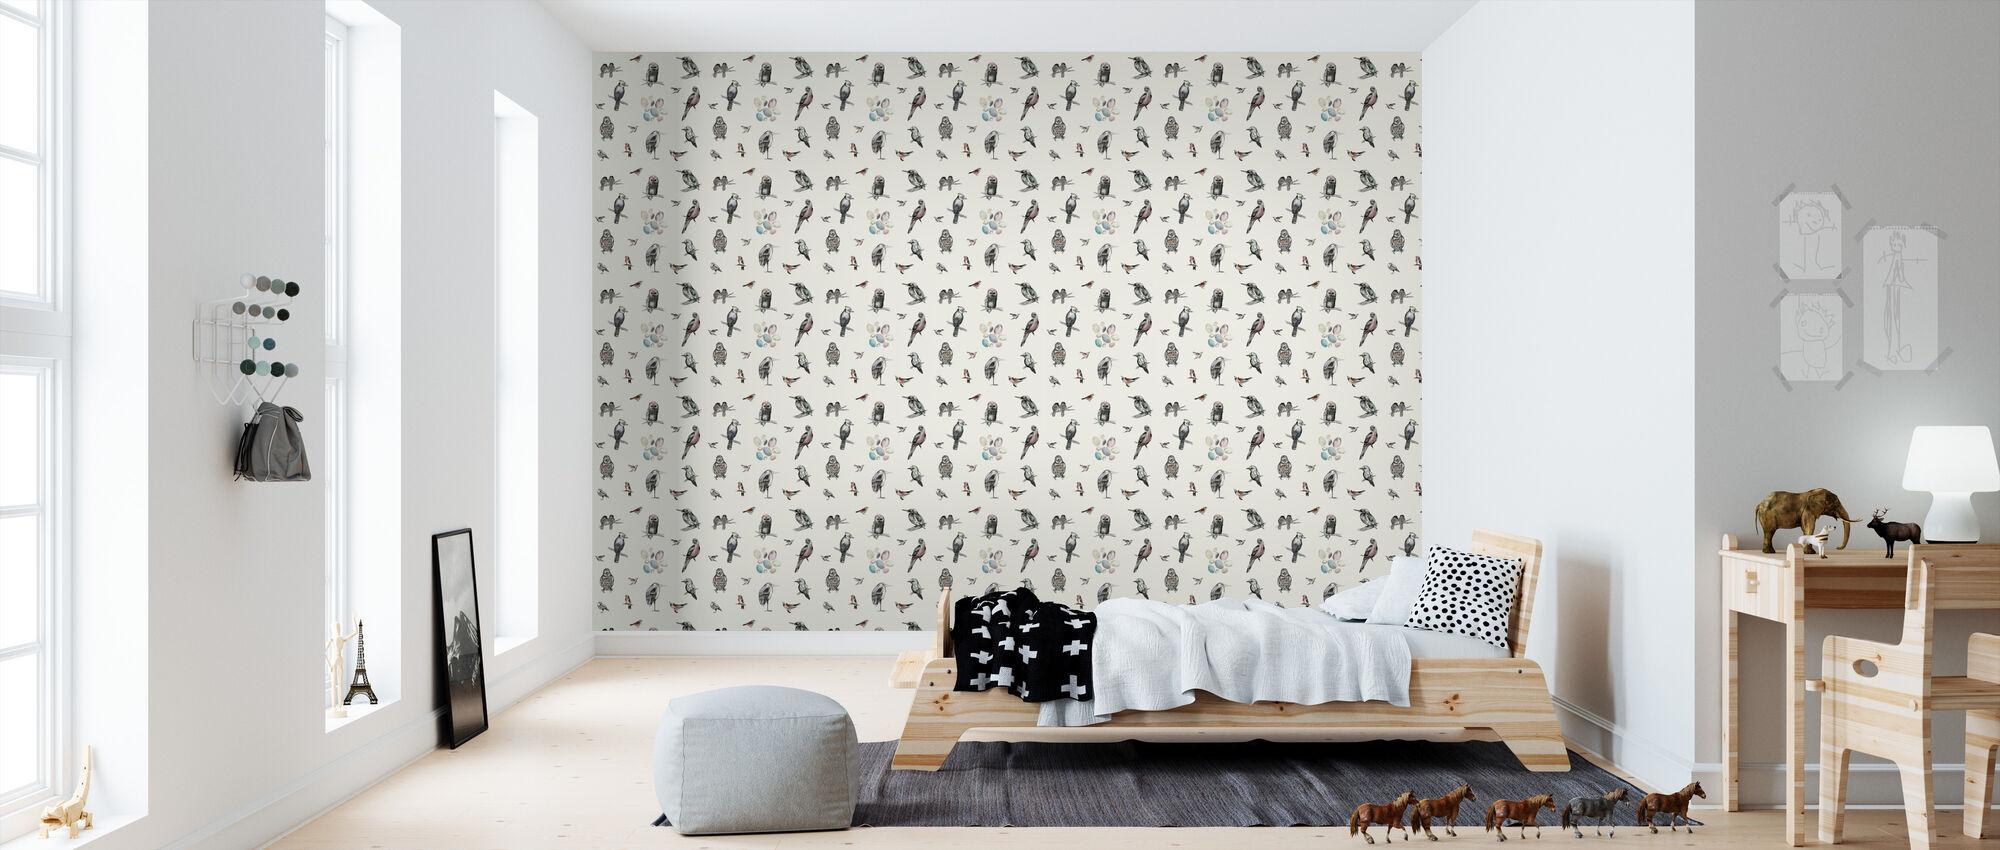 Birds - Wallpaper - Kids Room